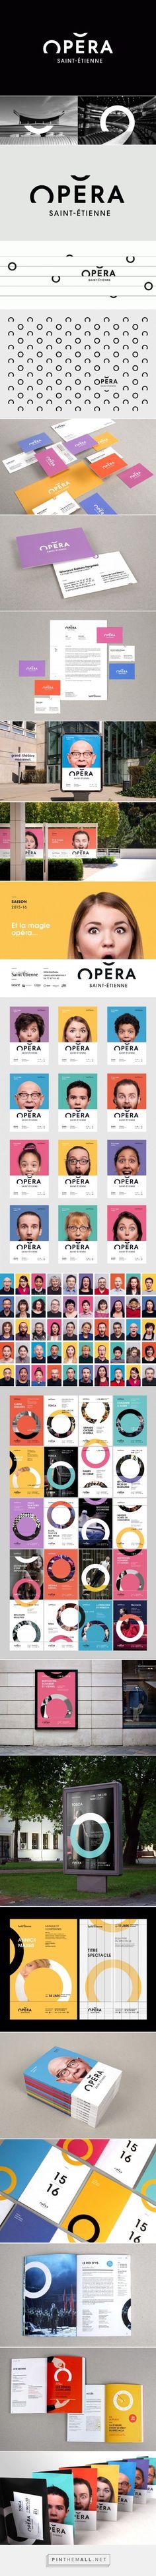 Opéra de Saint-Étienne Branding | Fivestar Branding – Design and Branding Agency & Inspiration Gallery